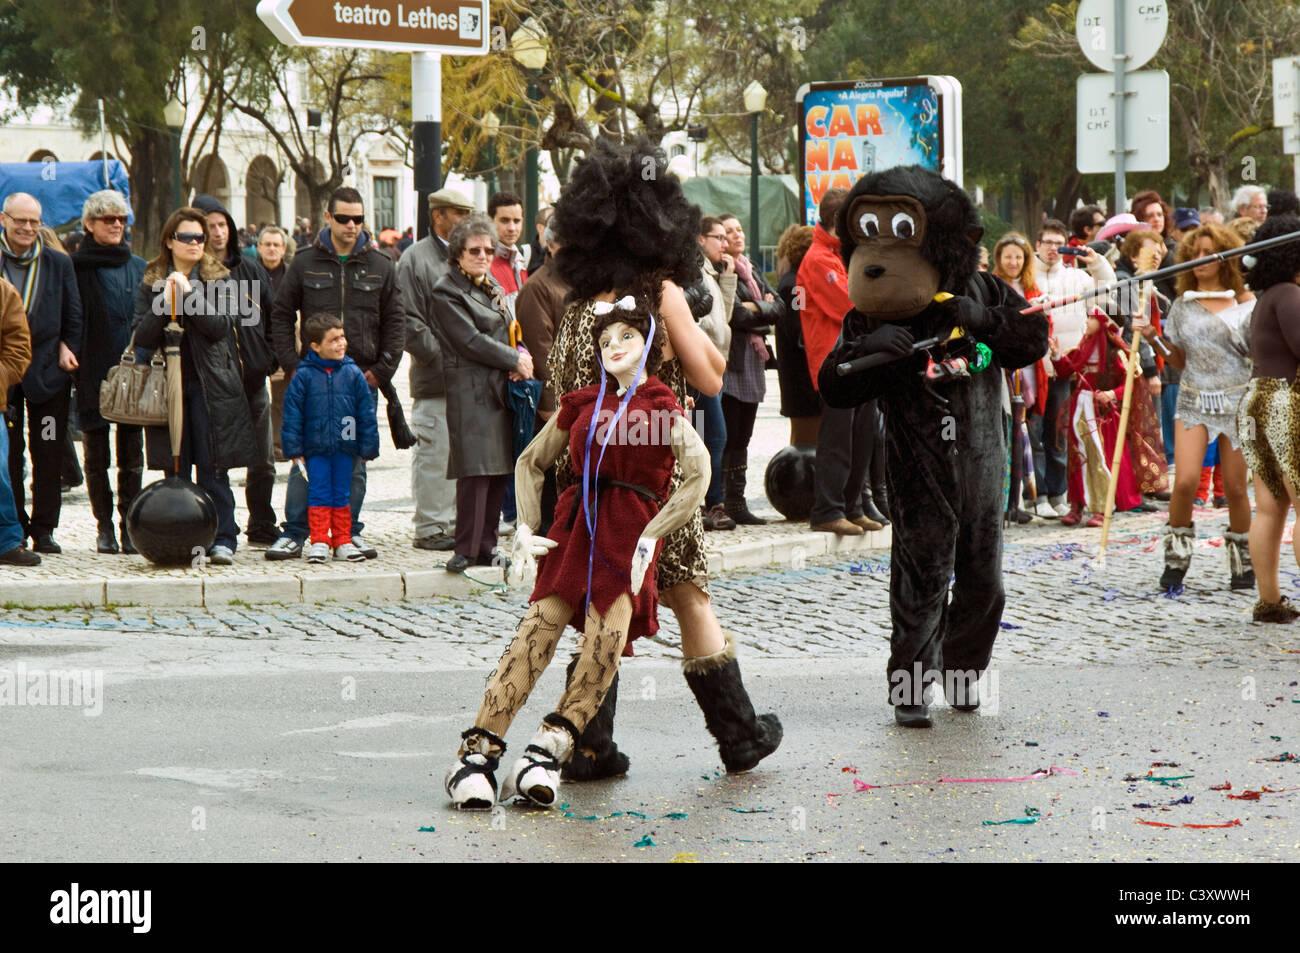 Faro festival, Algarve , Portugal . - Stock Image